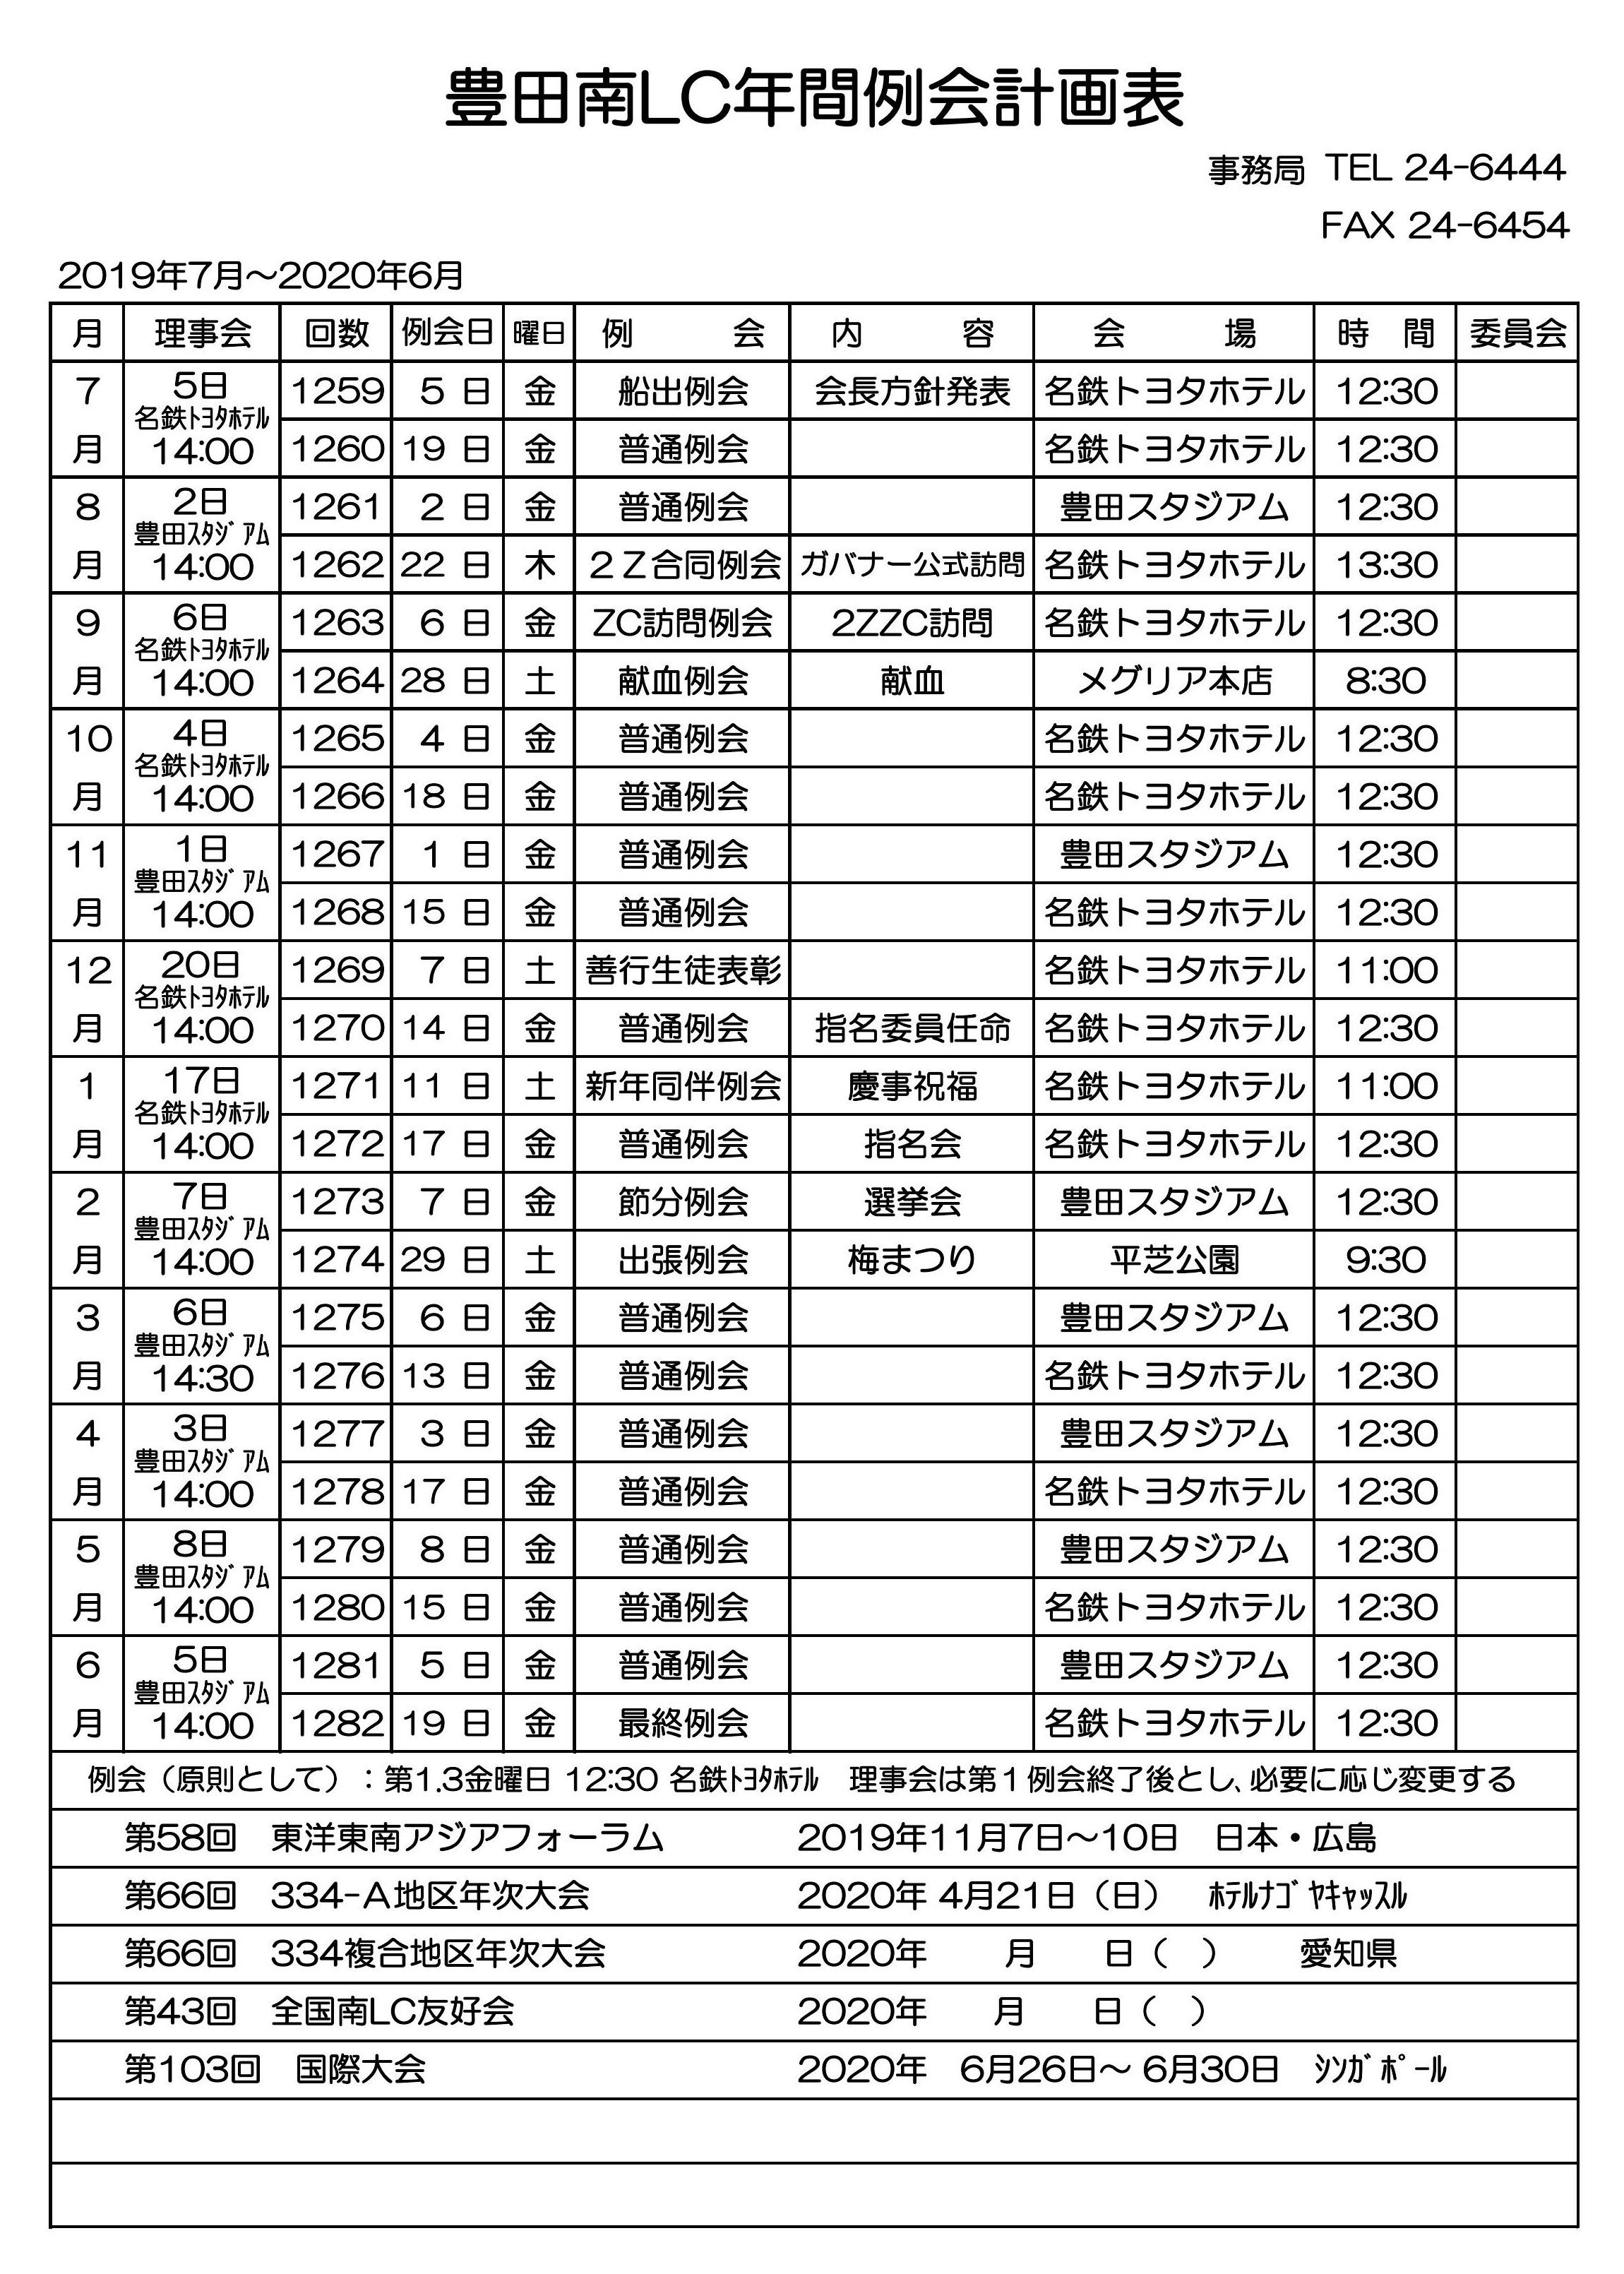 2豊田南LC年間例会計画表1